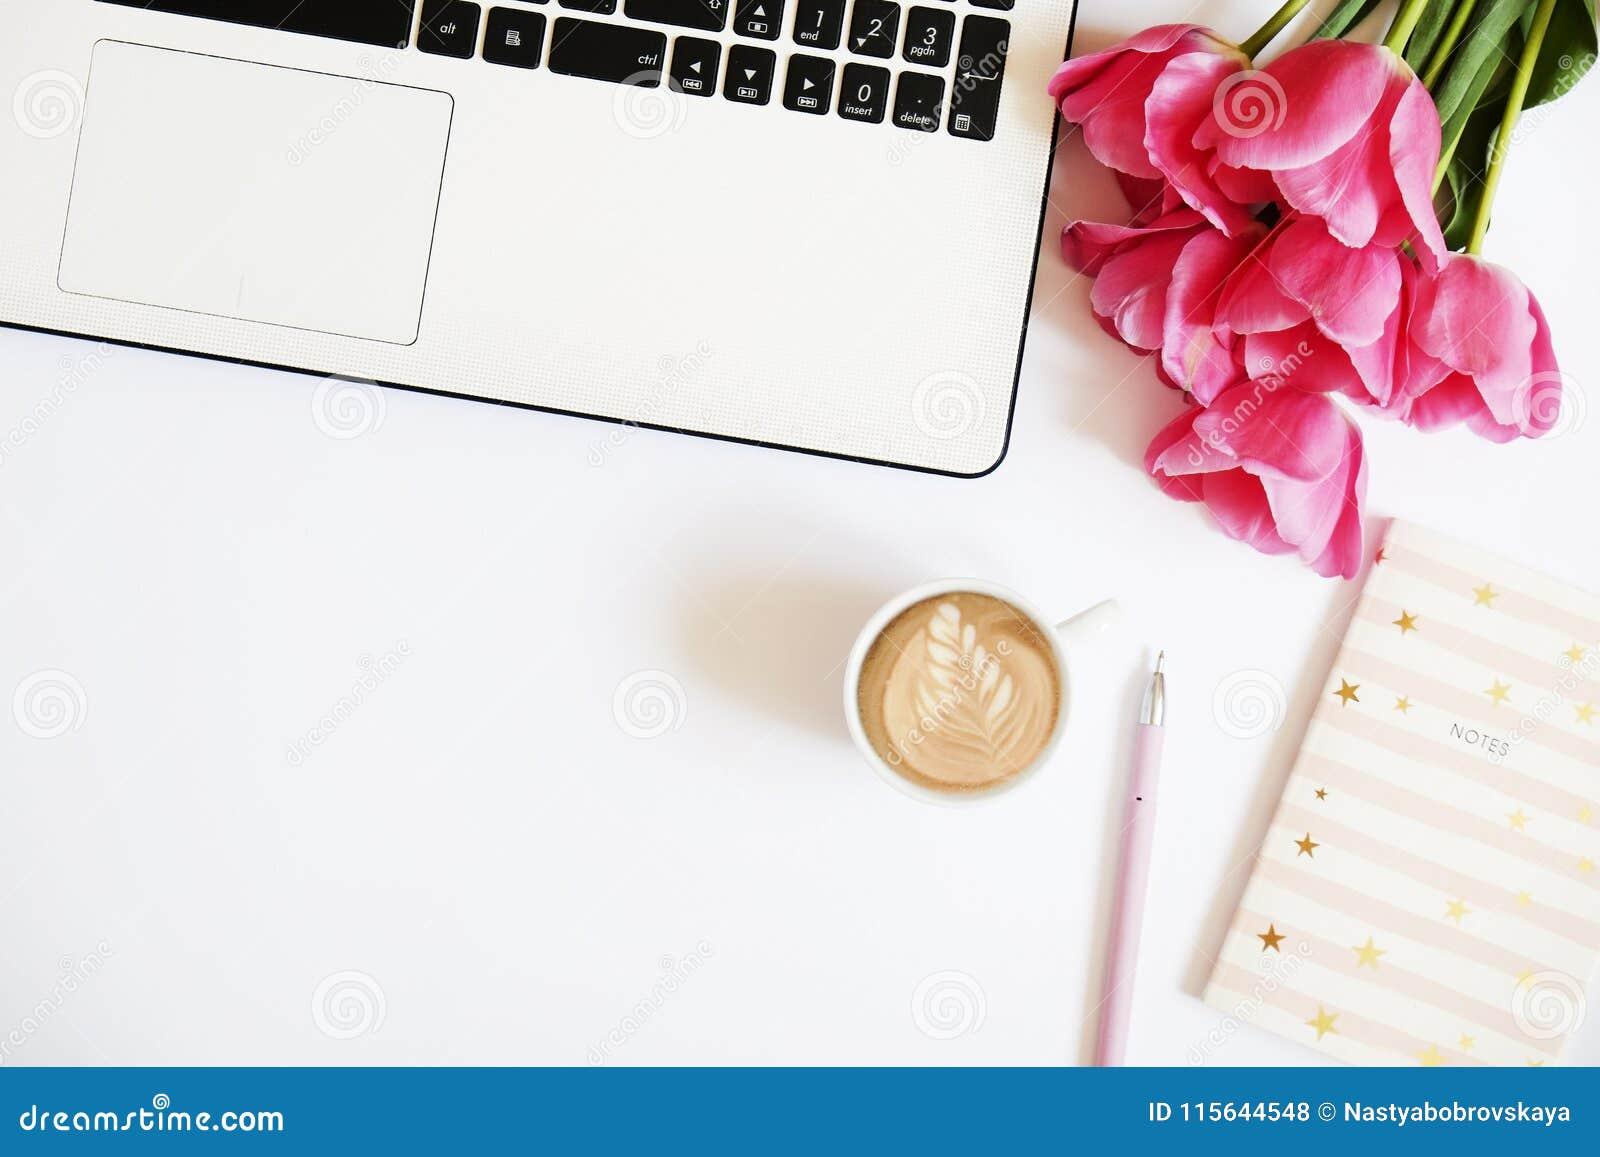 Lovely Feminine Office  Desktop Black White Laptop Keyboard Pink Tulip Flowers Bouquet Cup Coffee W Latte Art Pen Notebook 115644548